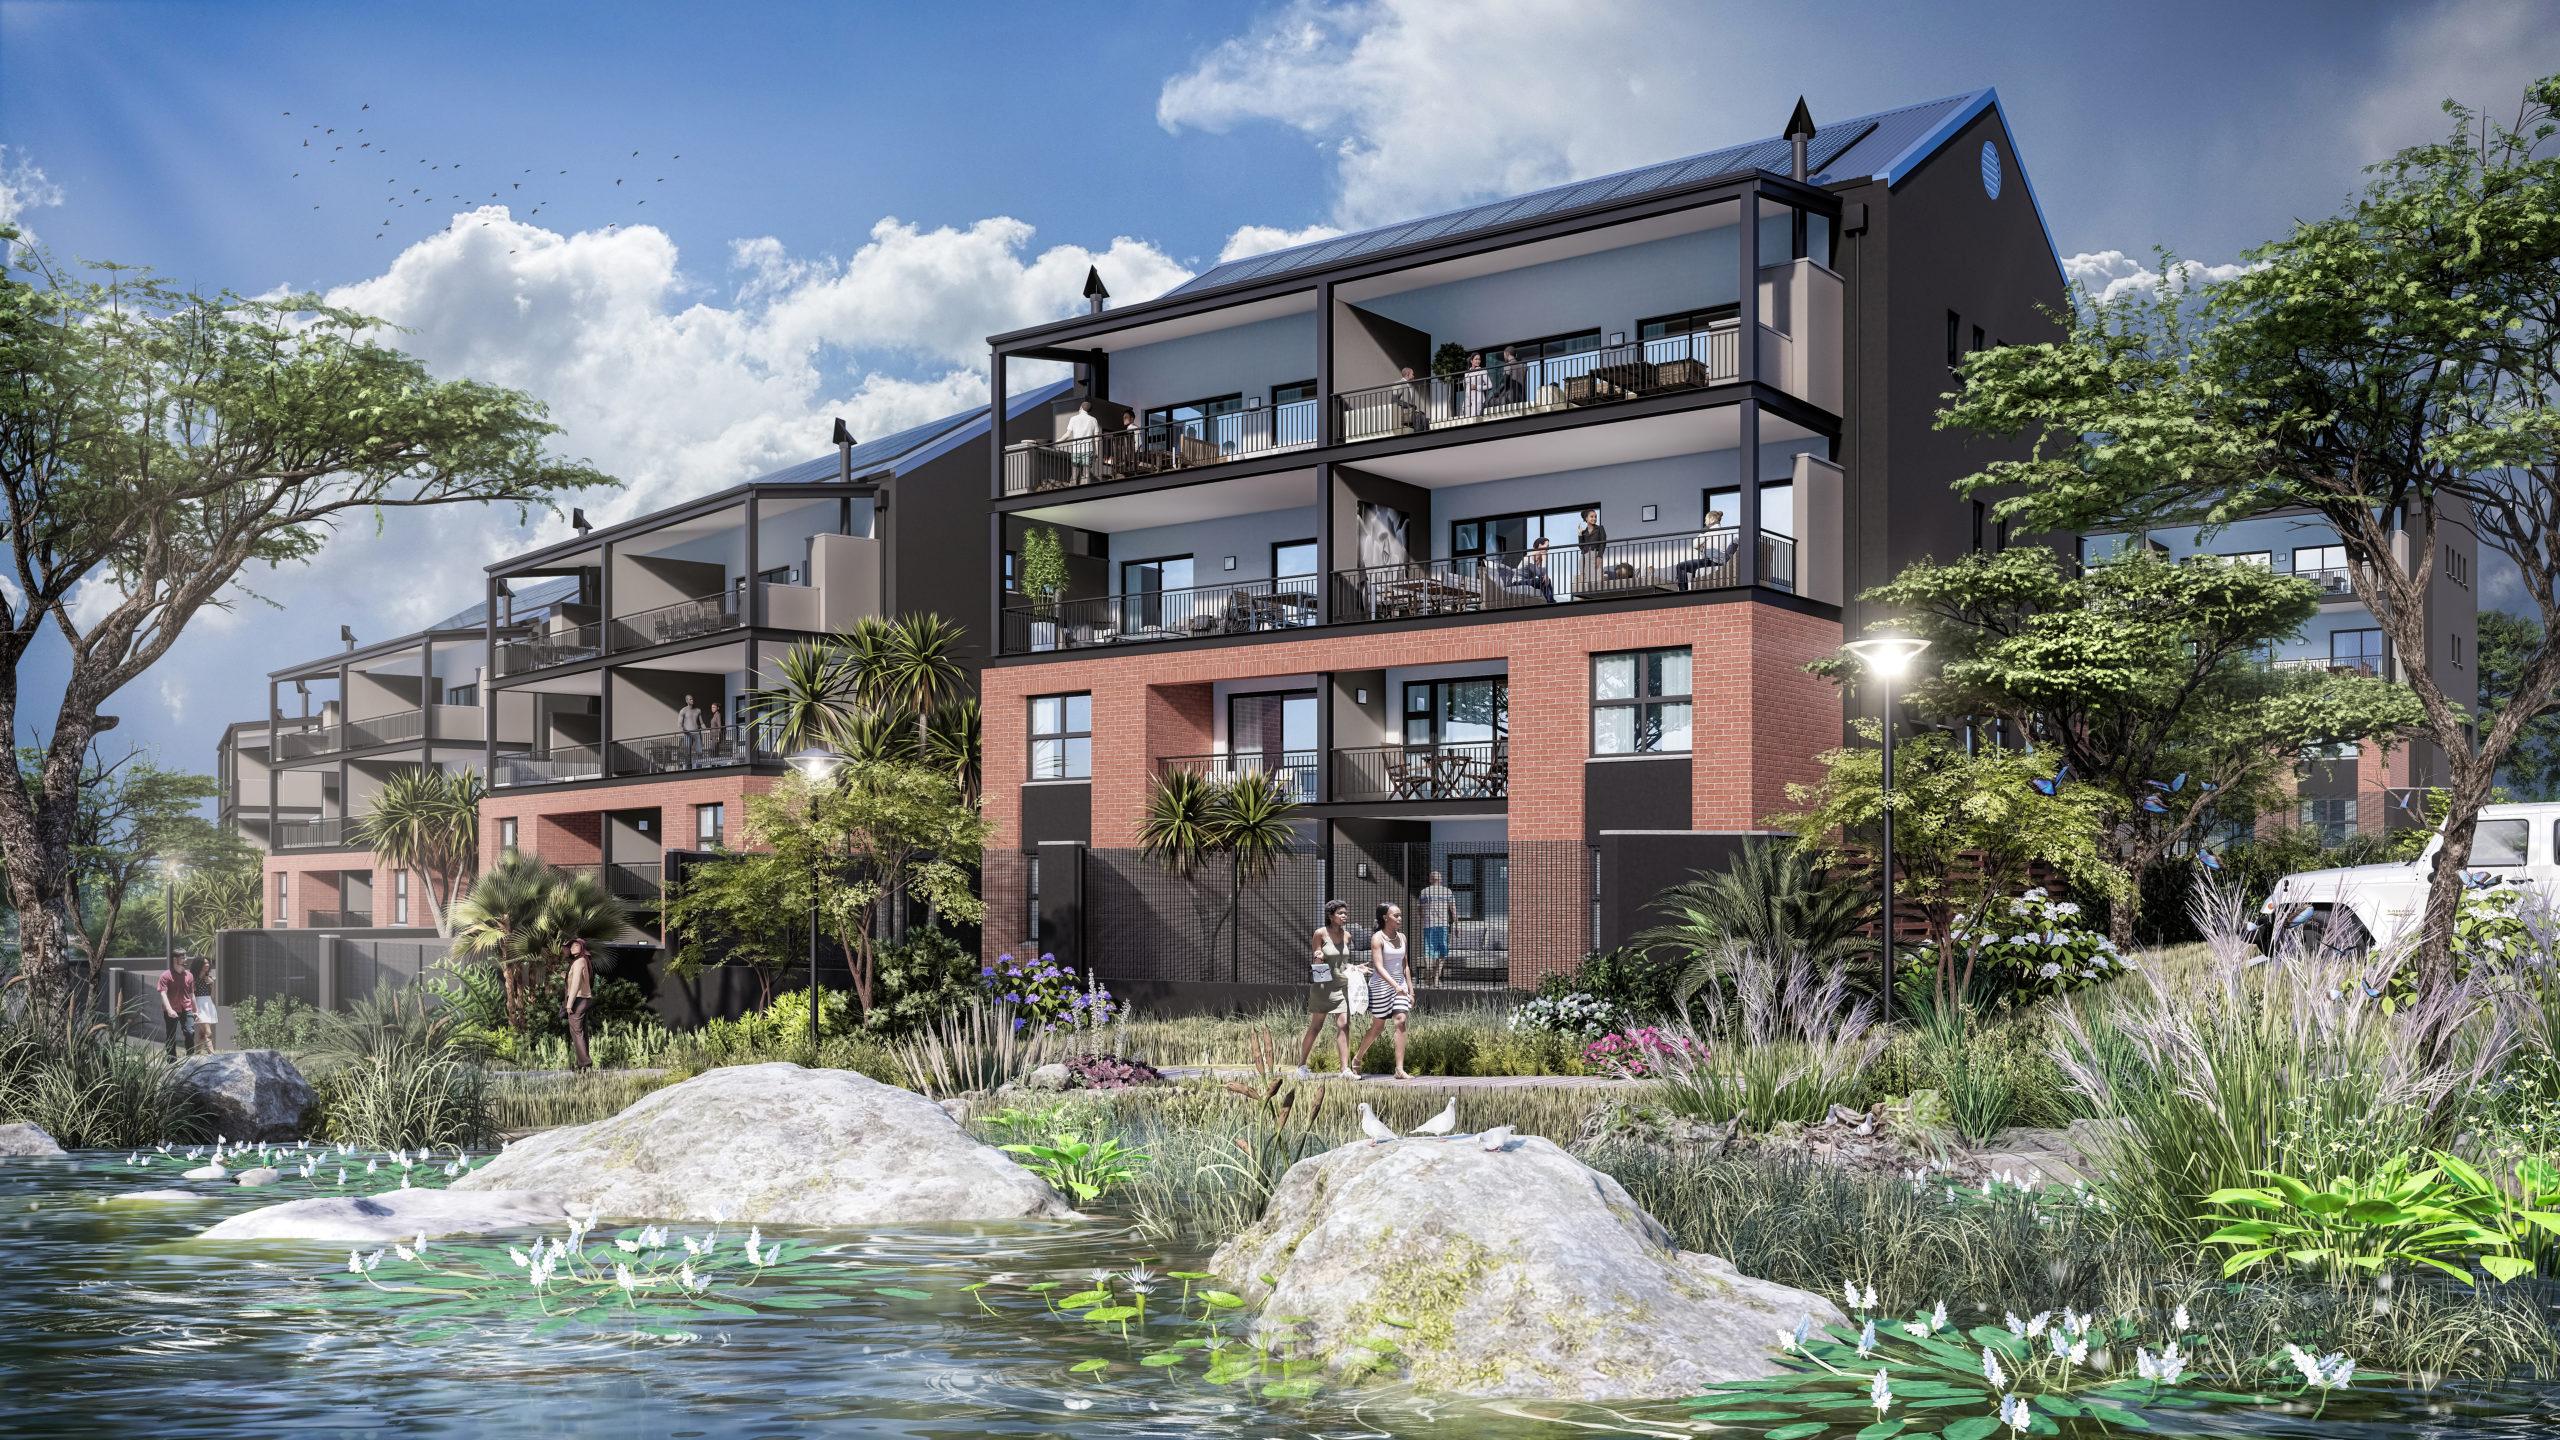 Mooikloof Eco-Estate